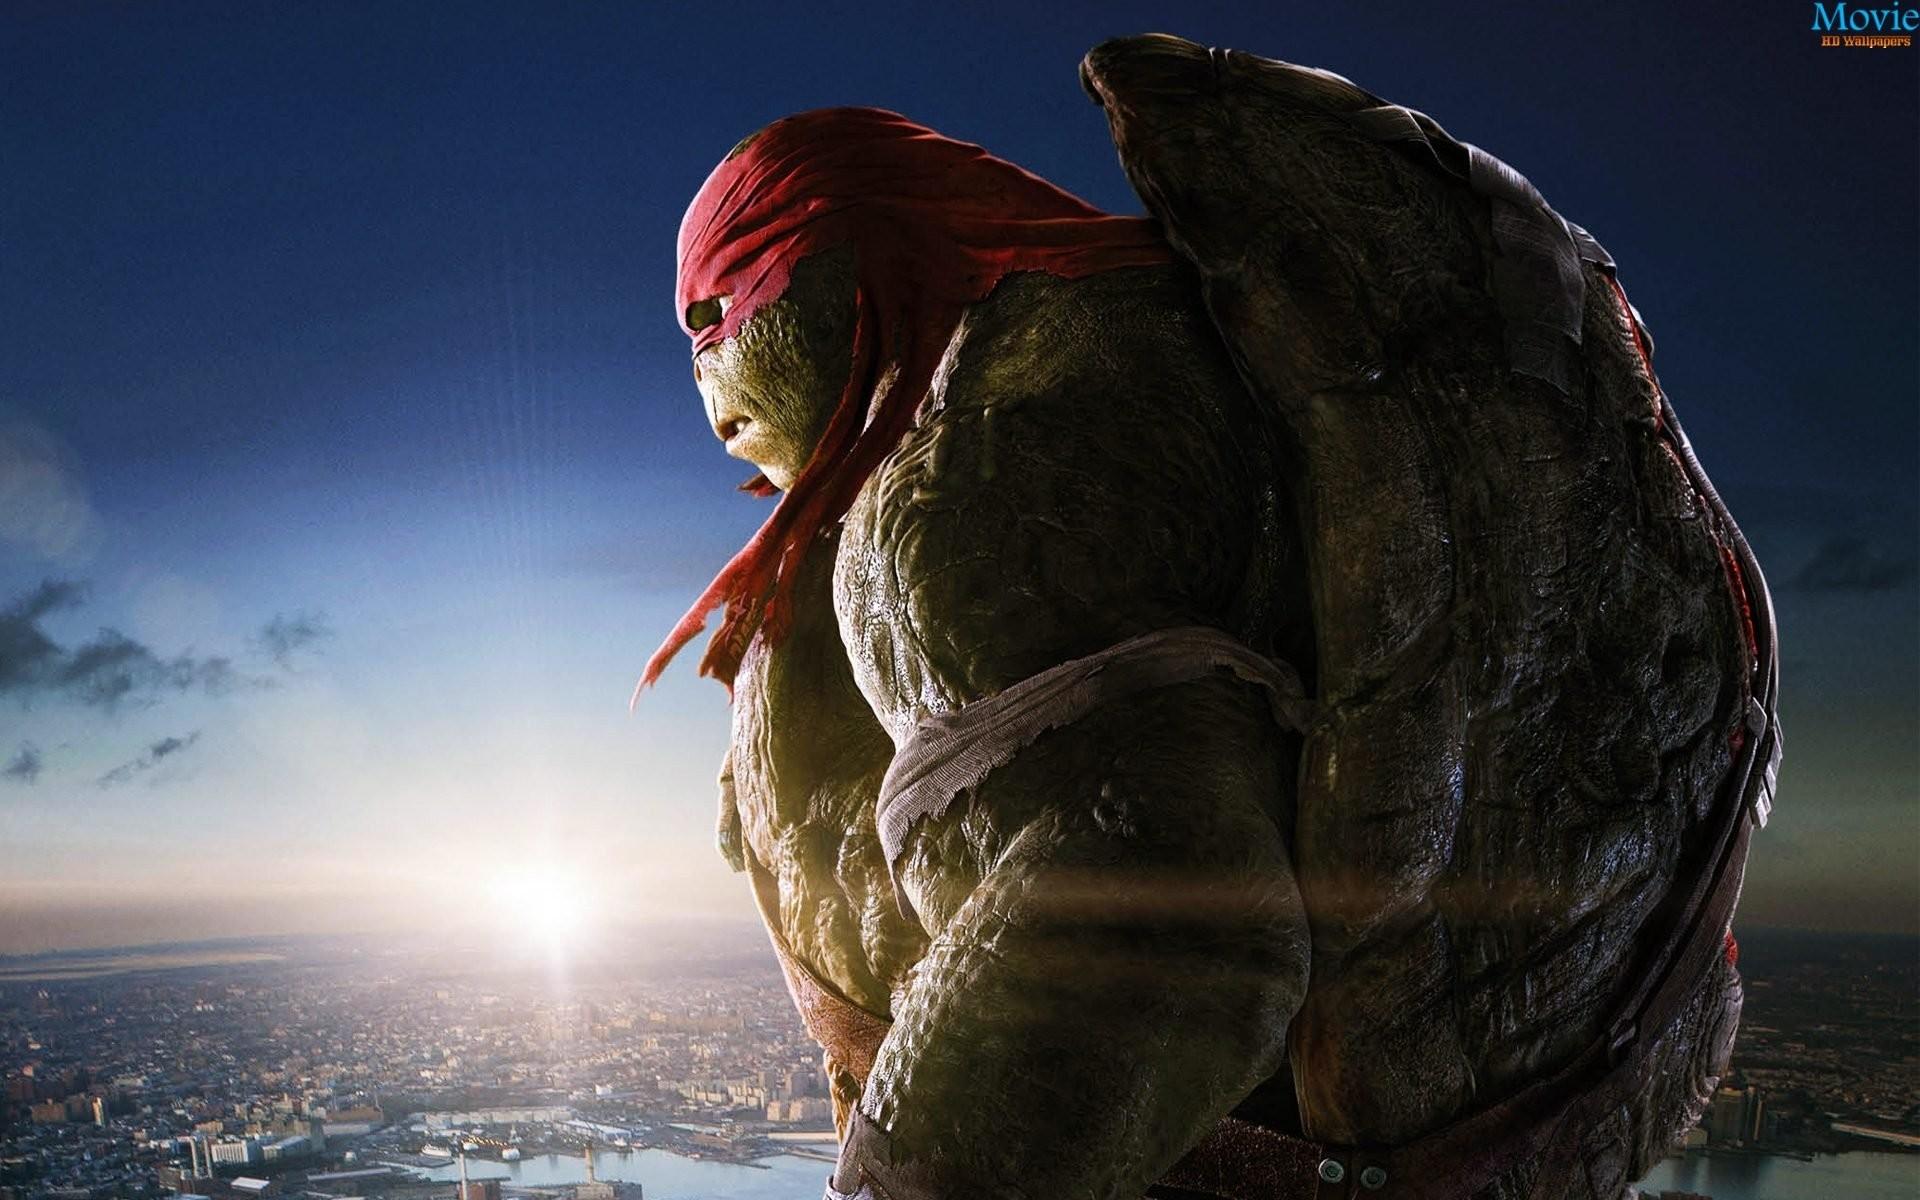 Teenage Mutant Ninja Turtles Movie 2014 – Raphael Wallpapers